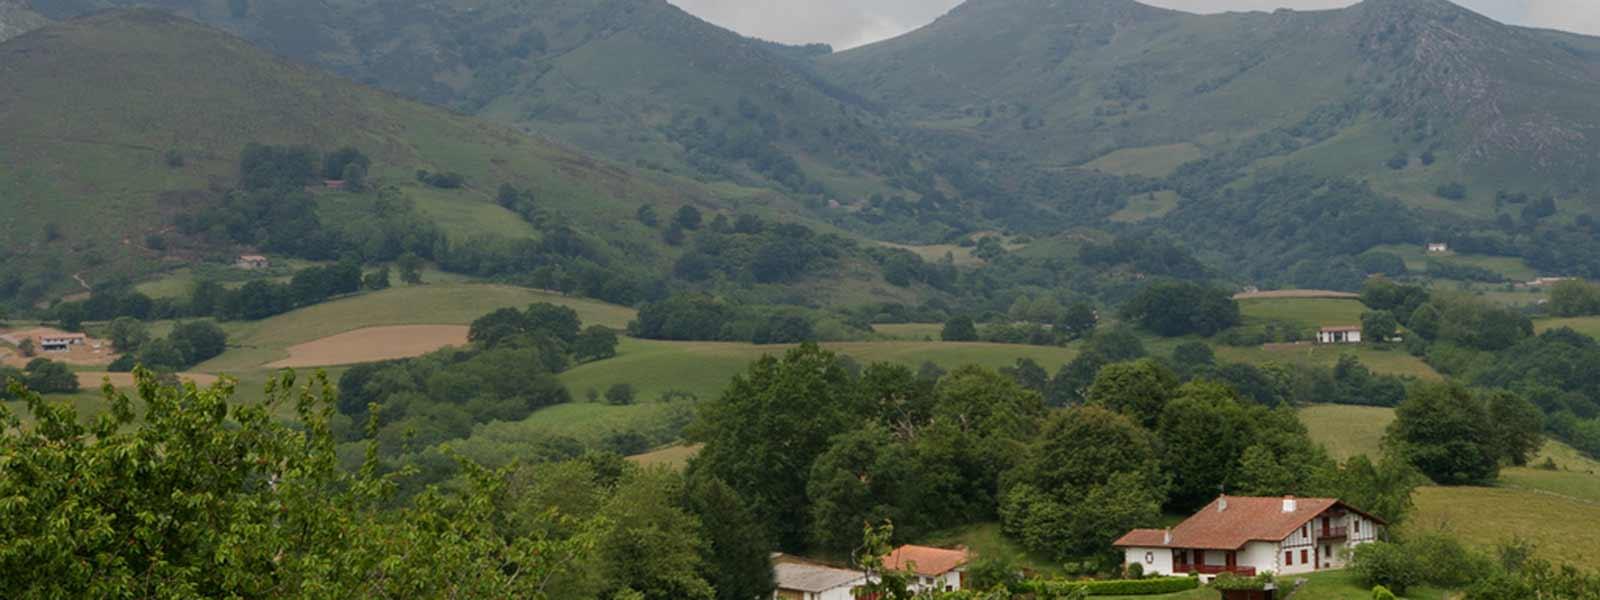 vue du pays basque